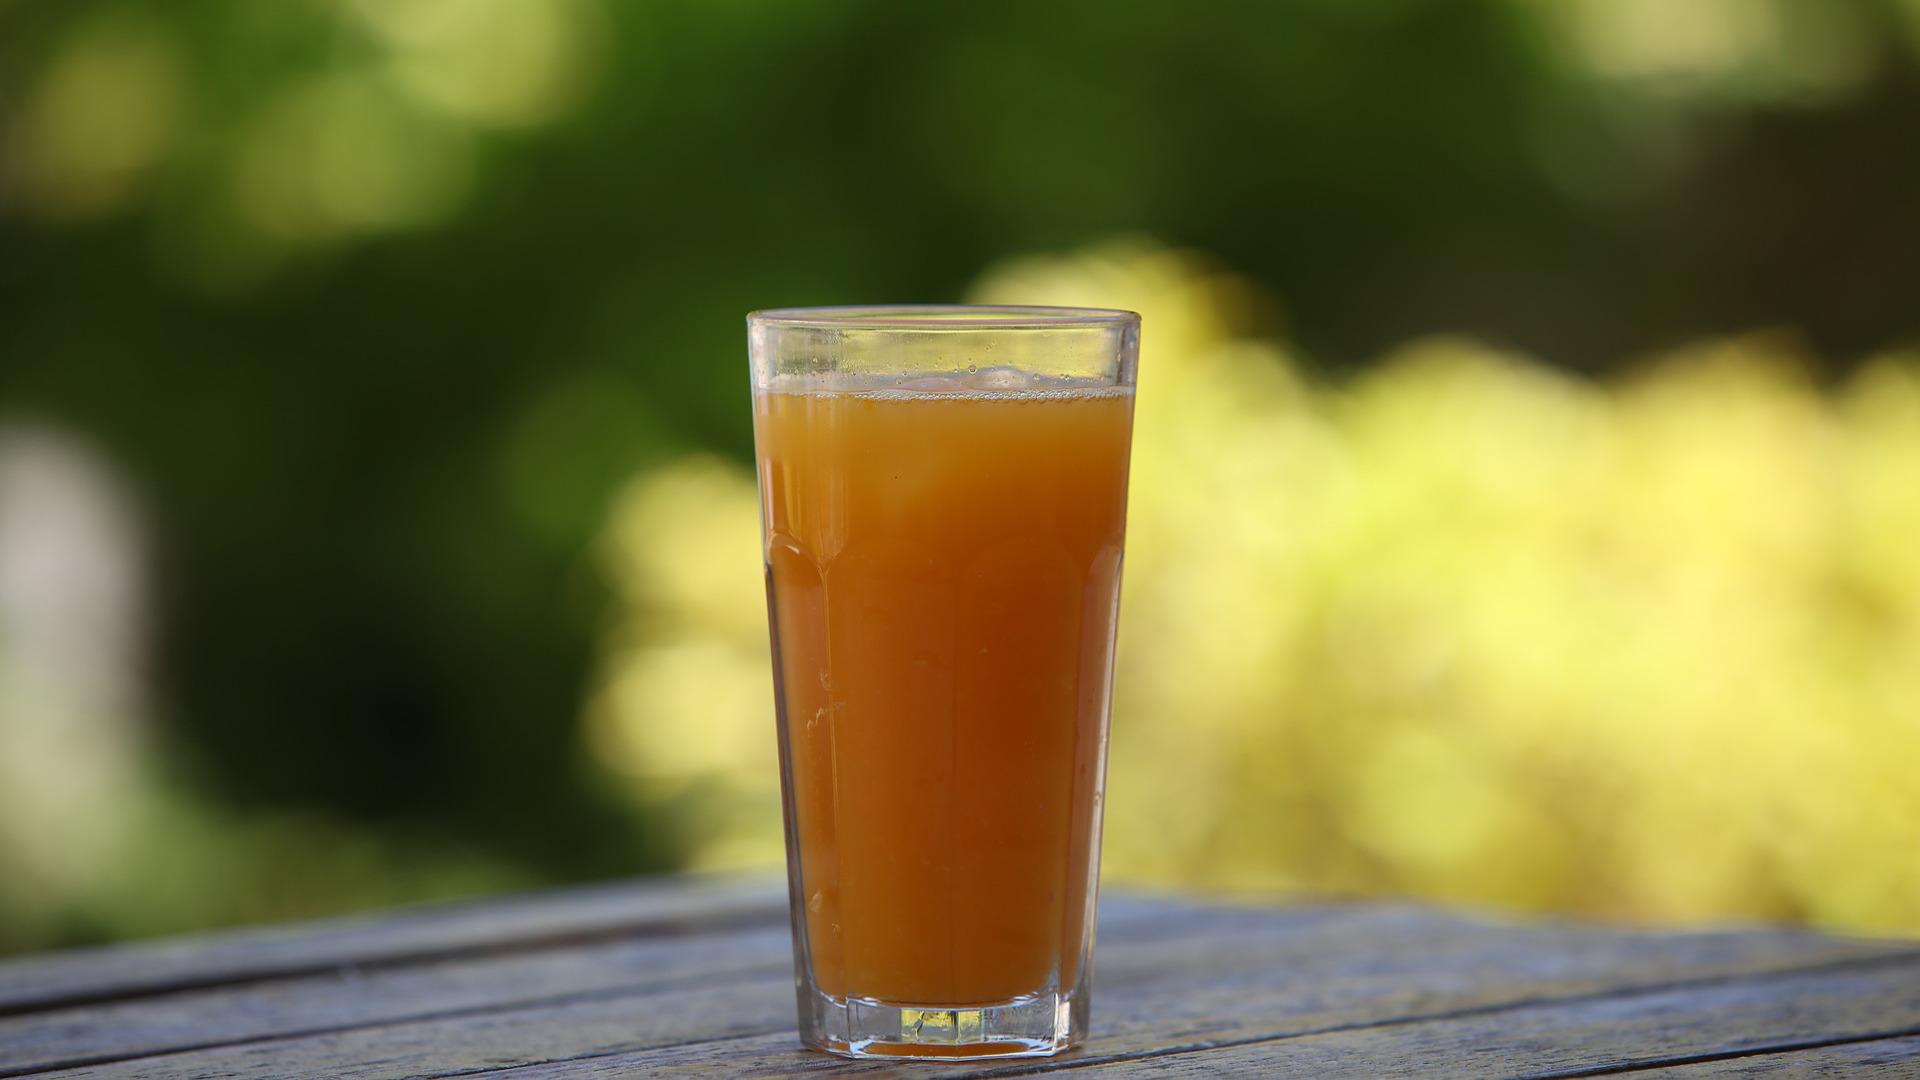 1-de-cada-5-espanoles-toma-zumo-de-naranja-al-menos-cinco-dias-a-la-semana-1920